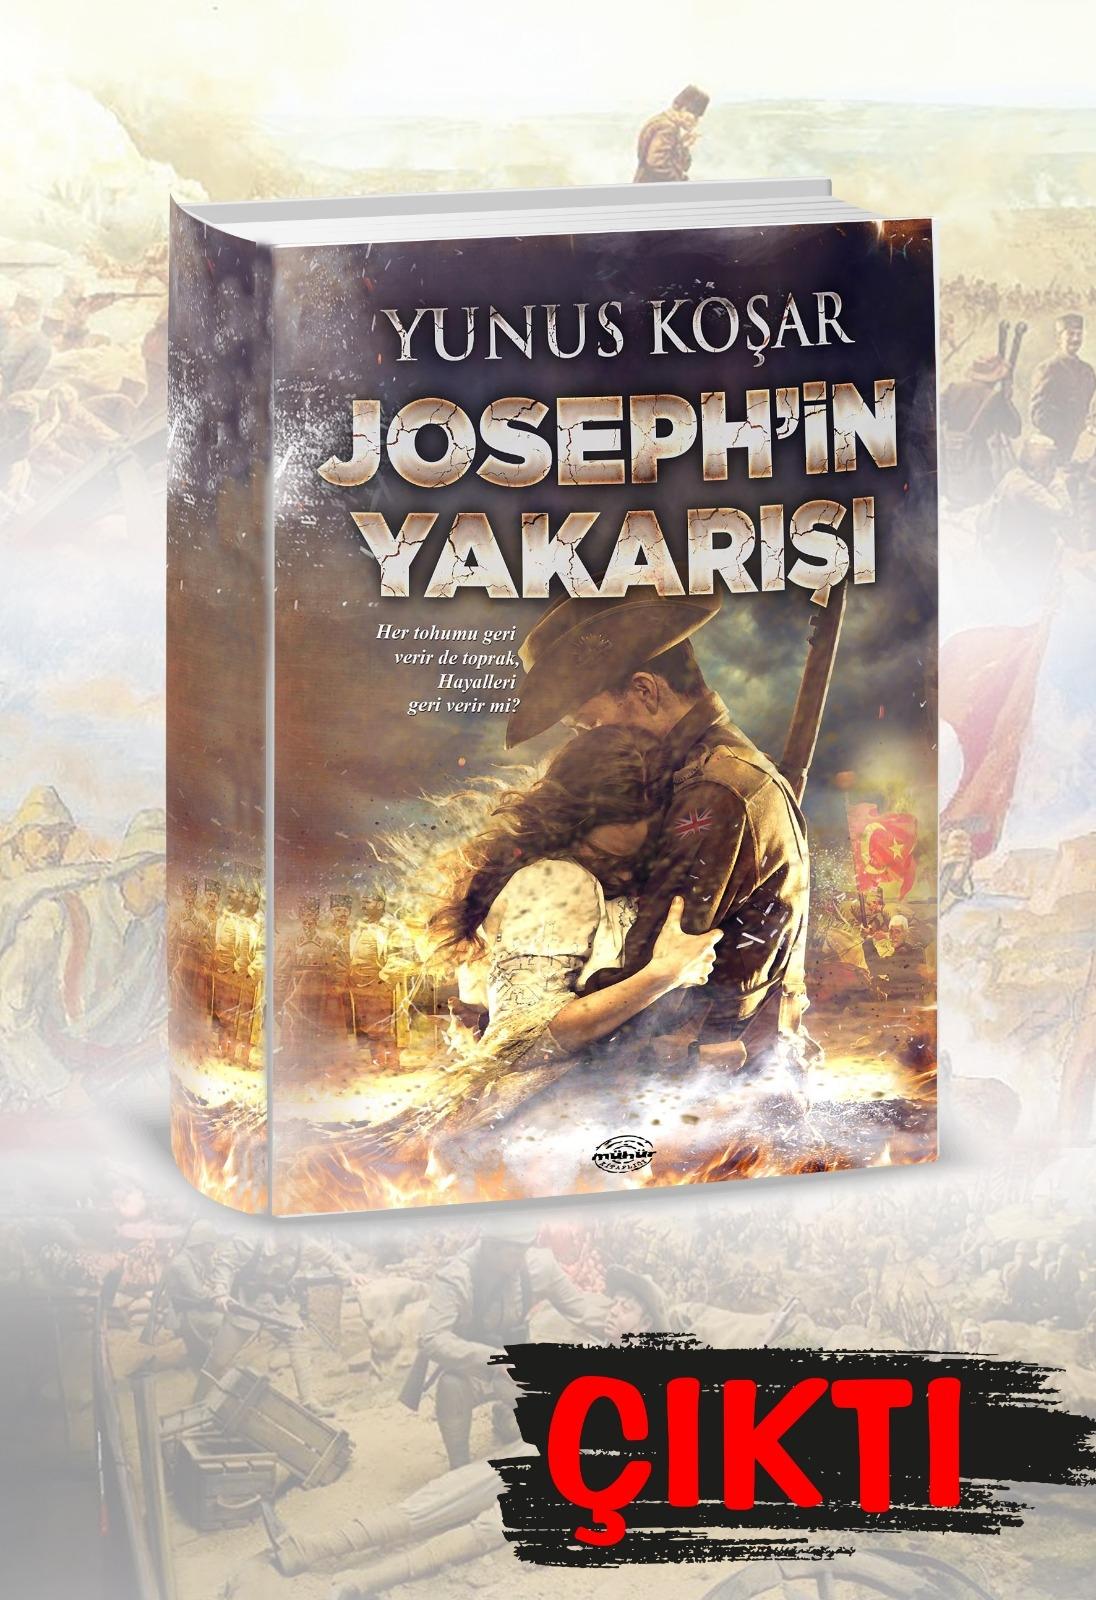 Yunus Koşar'ın yeni kitabı JOSEPH'İN YAKARIŞI yayınlandı.